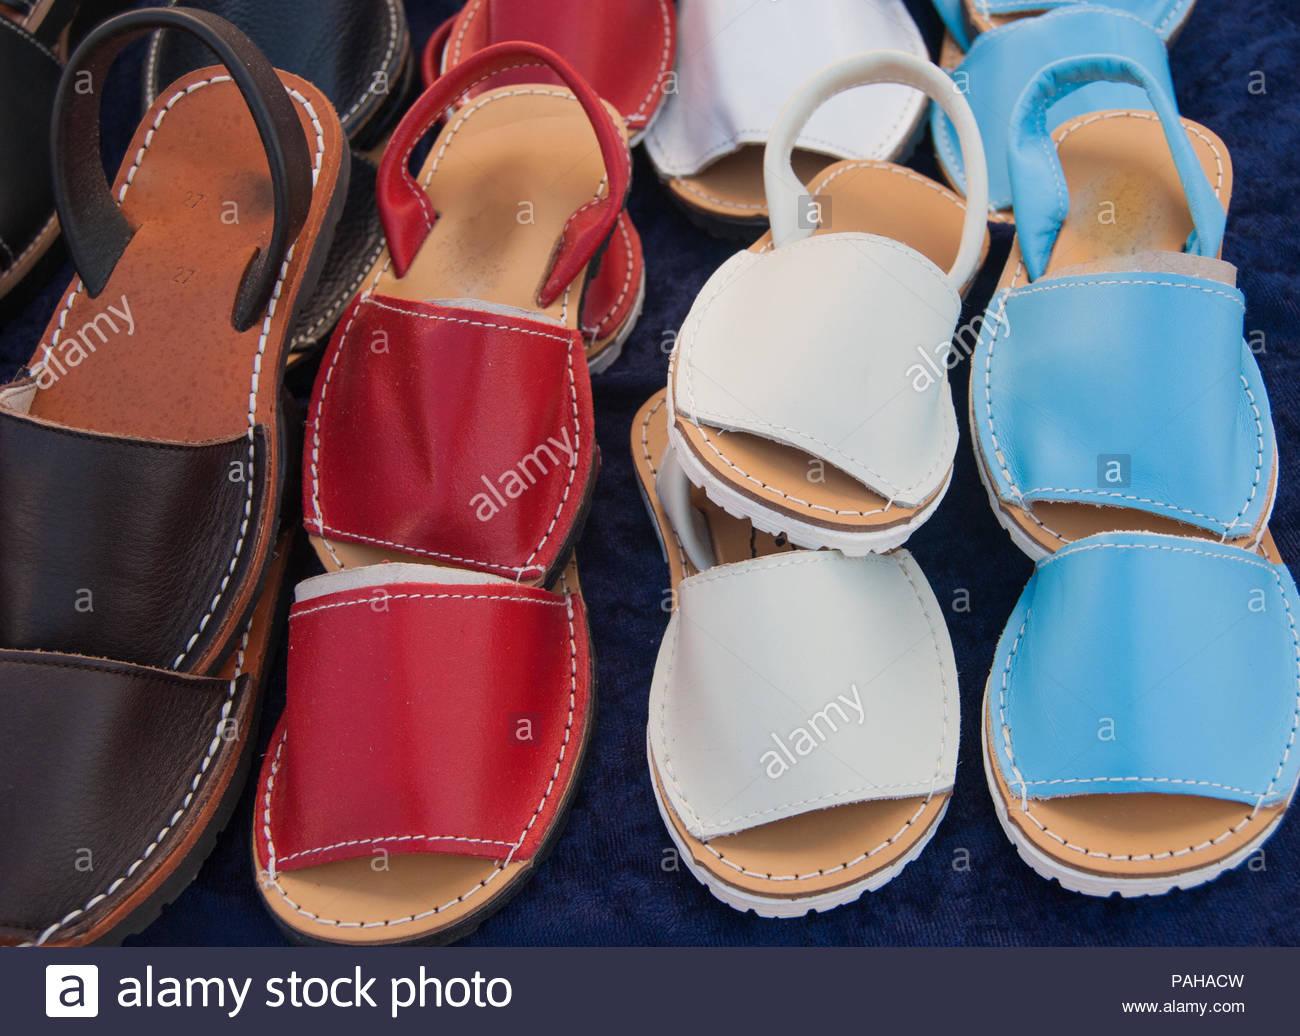 verkaufen einem Markt spanische einer Typische entlang Schuhe auf rdCxeBo